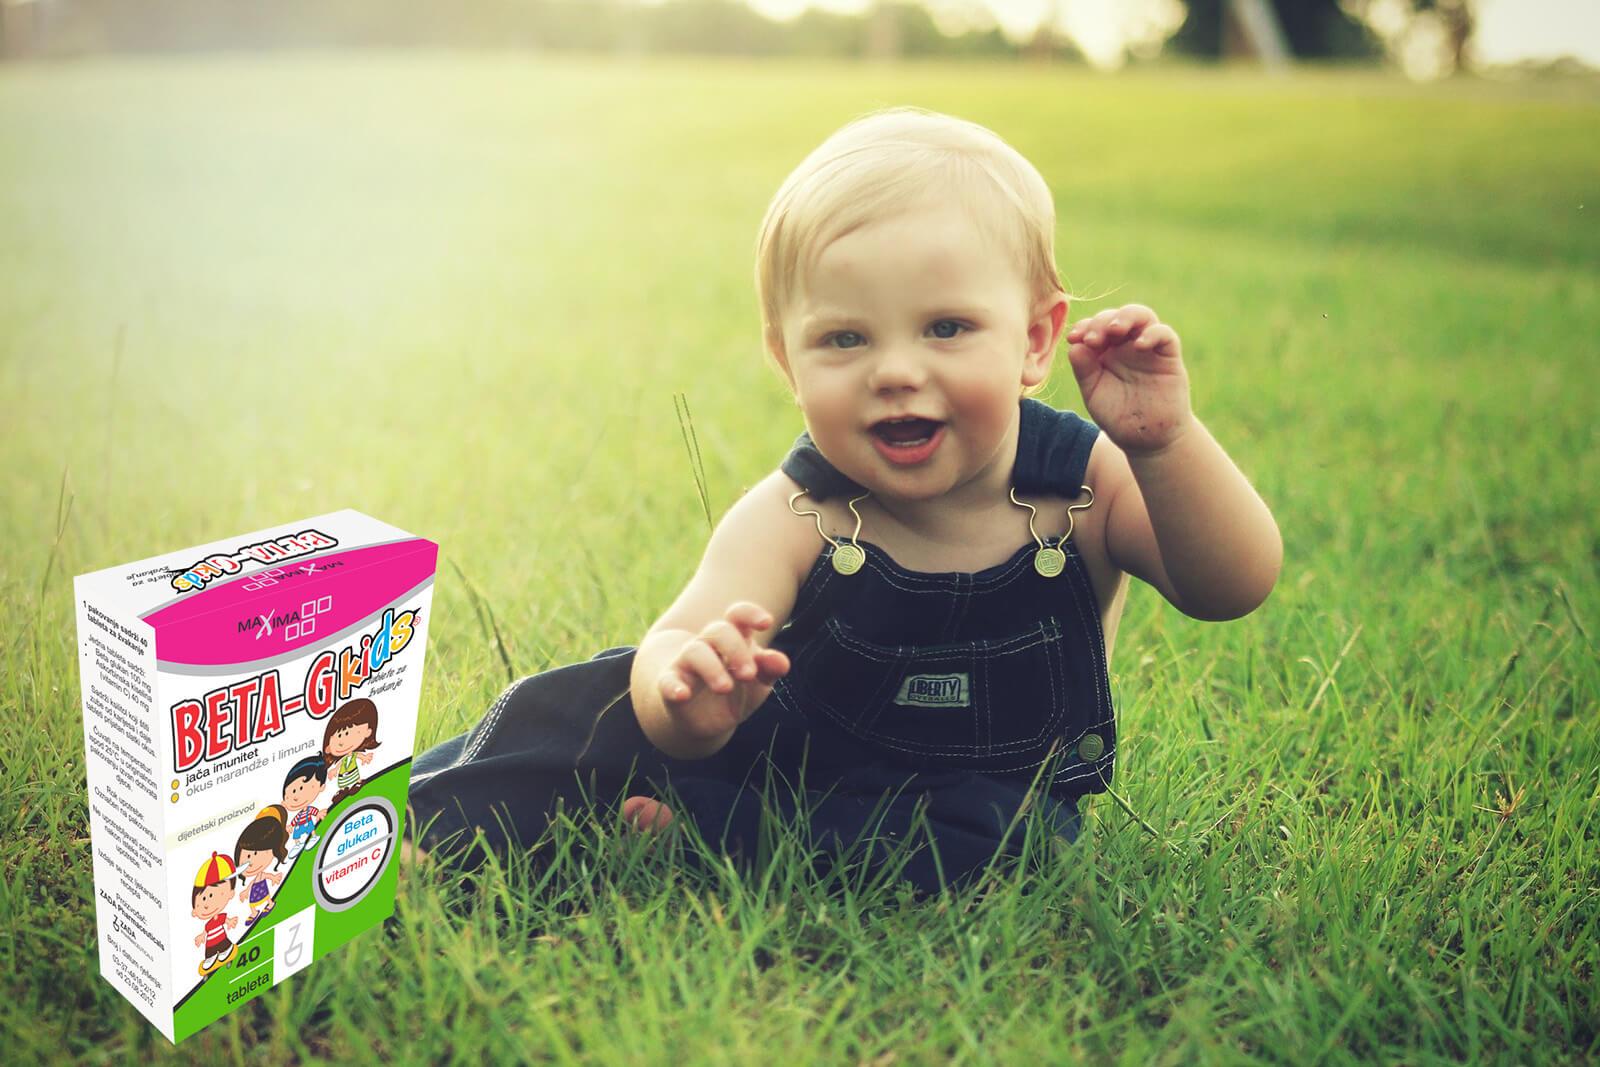 Ojačajte imunitet uz beta glukane za djecu i odrasle